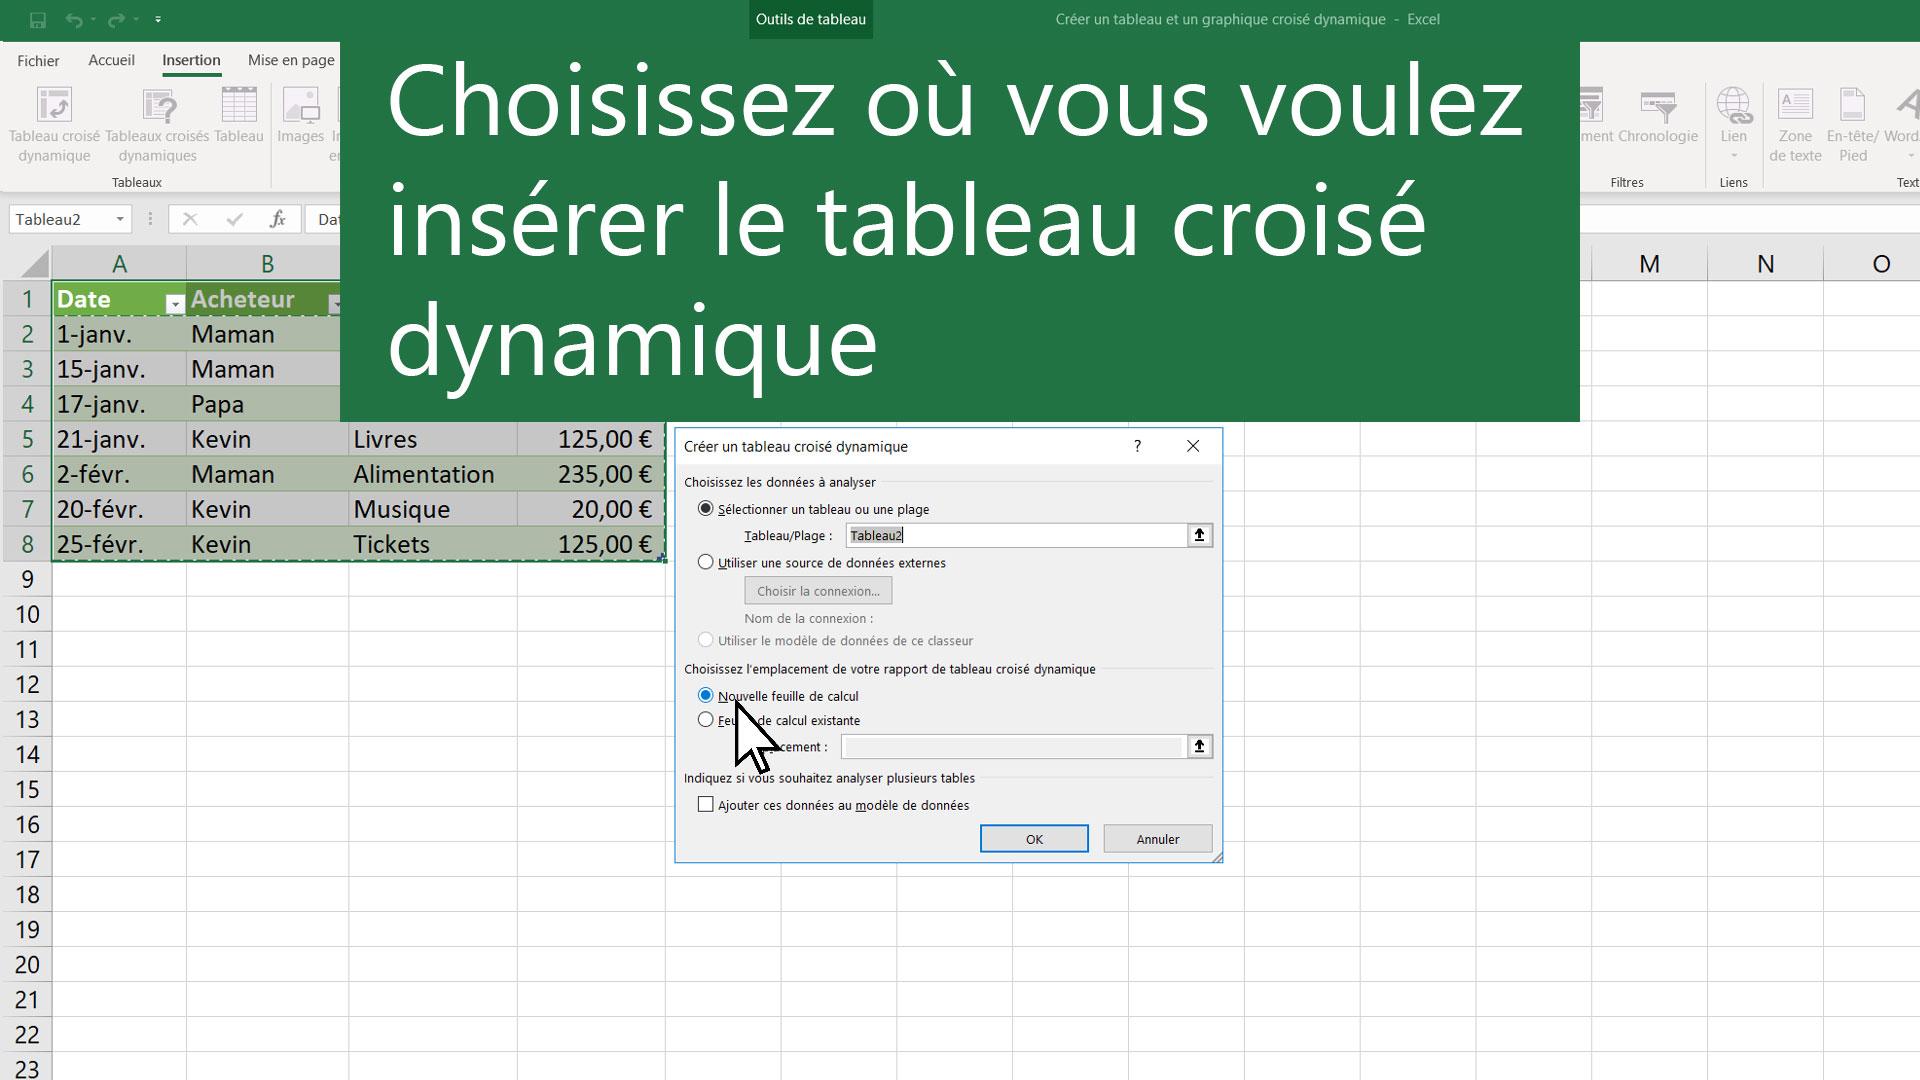 Creer Un Tableau Croise Dynamique Pour Analyser Des Donnees De Feuille De Calcul Support Office